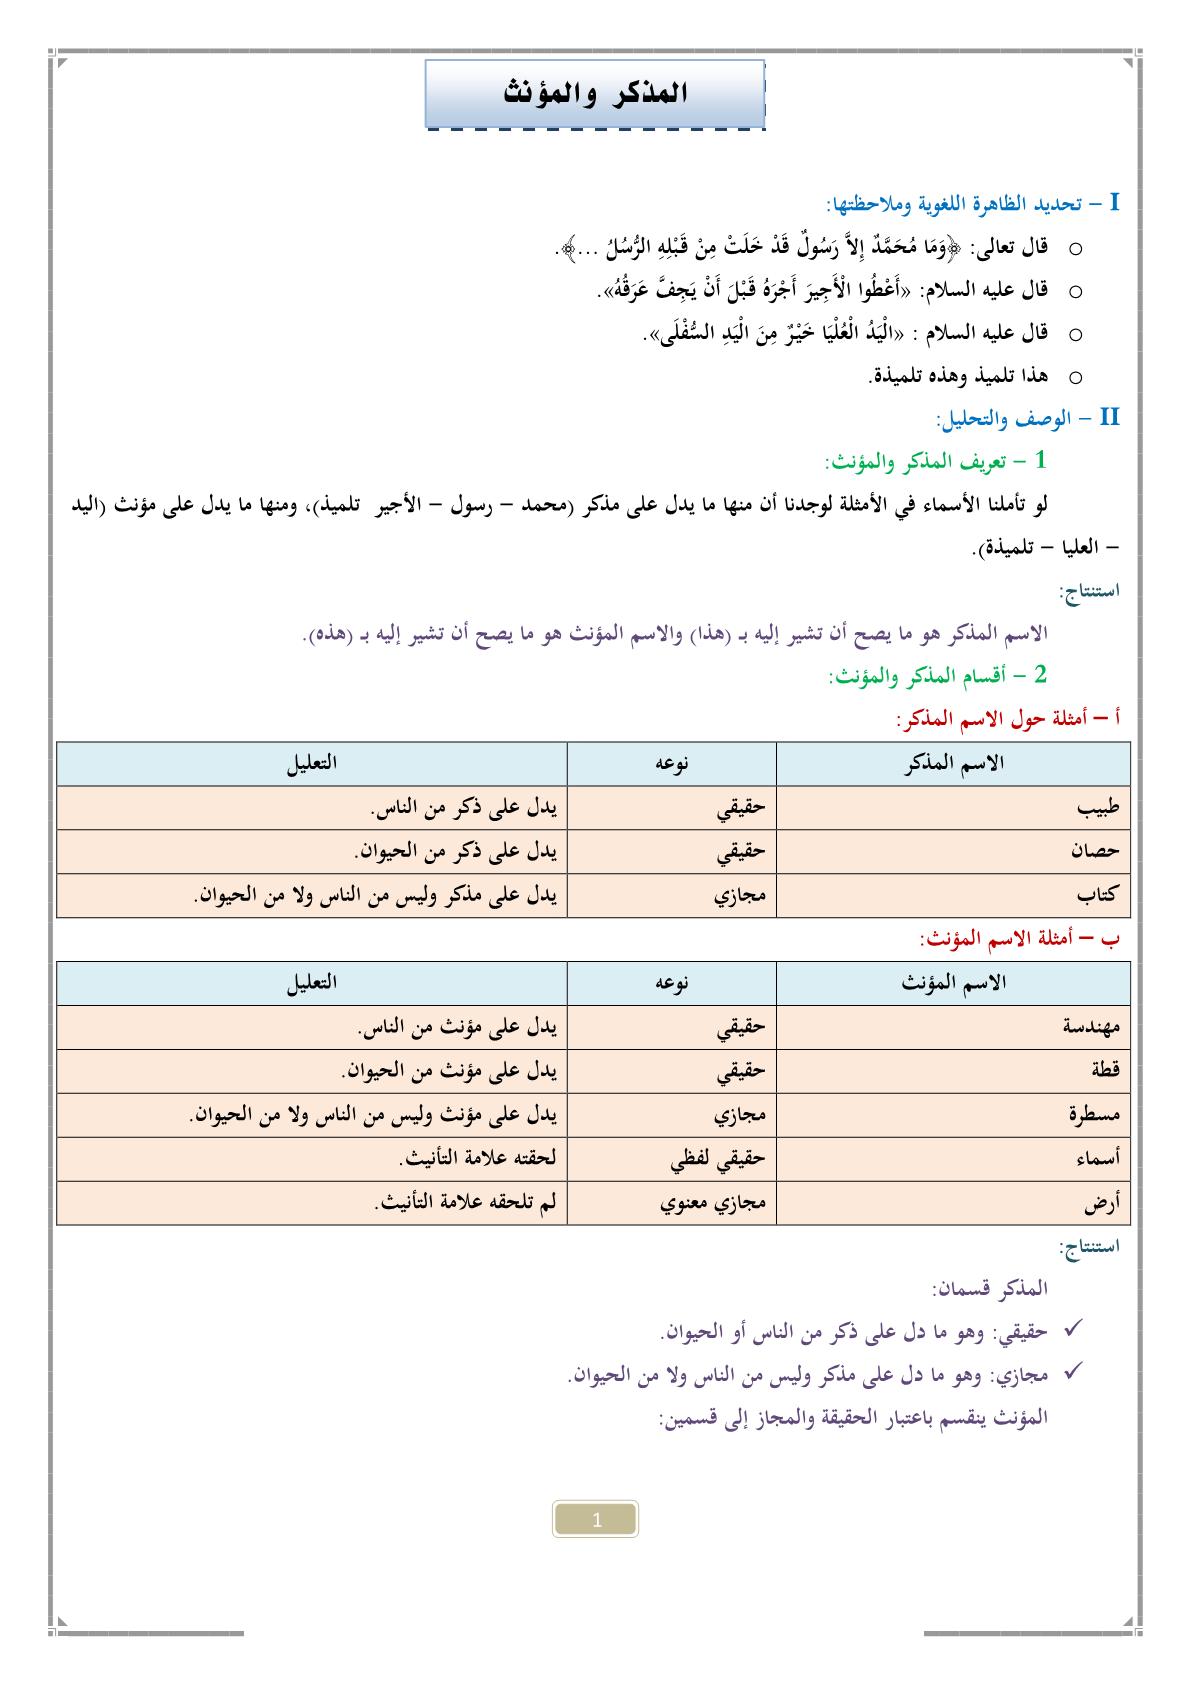 درس المذكر والمؤنث في مكون الدرس اللغوي الثانية إعدادي